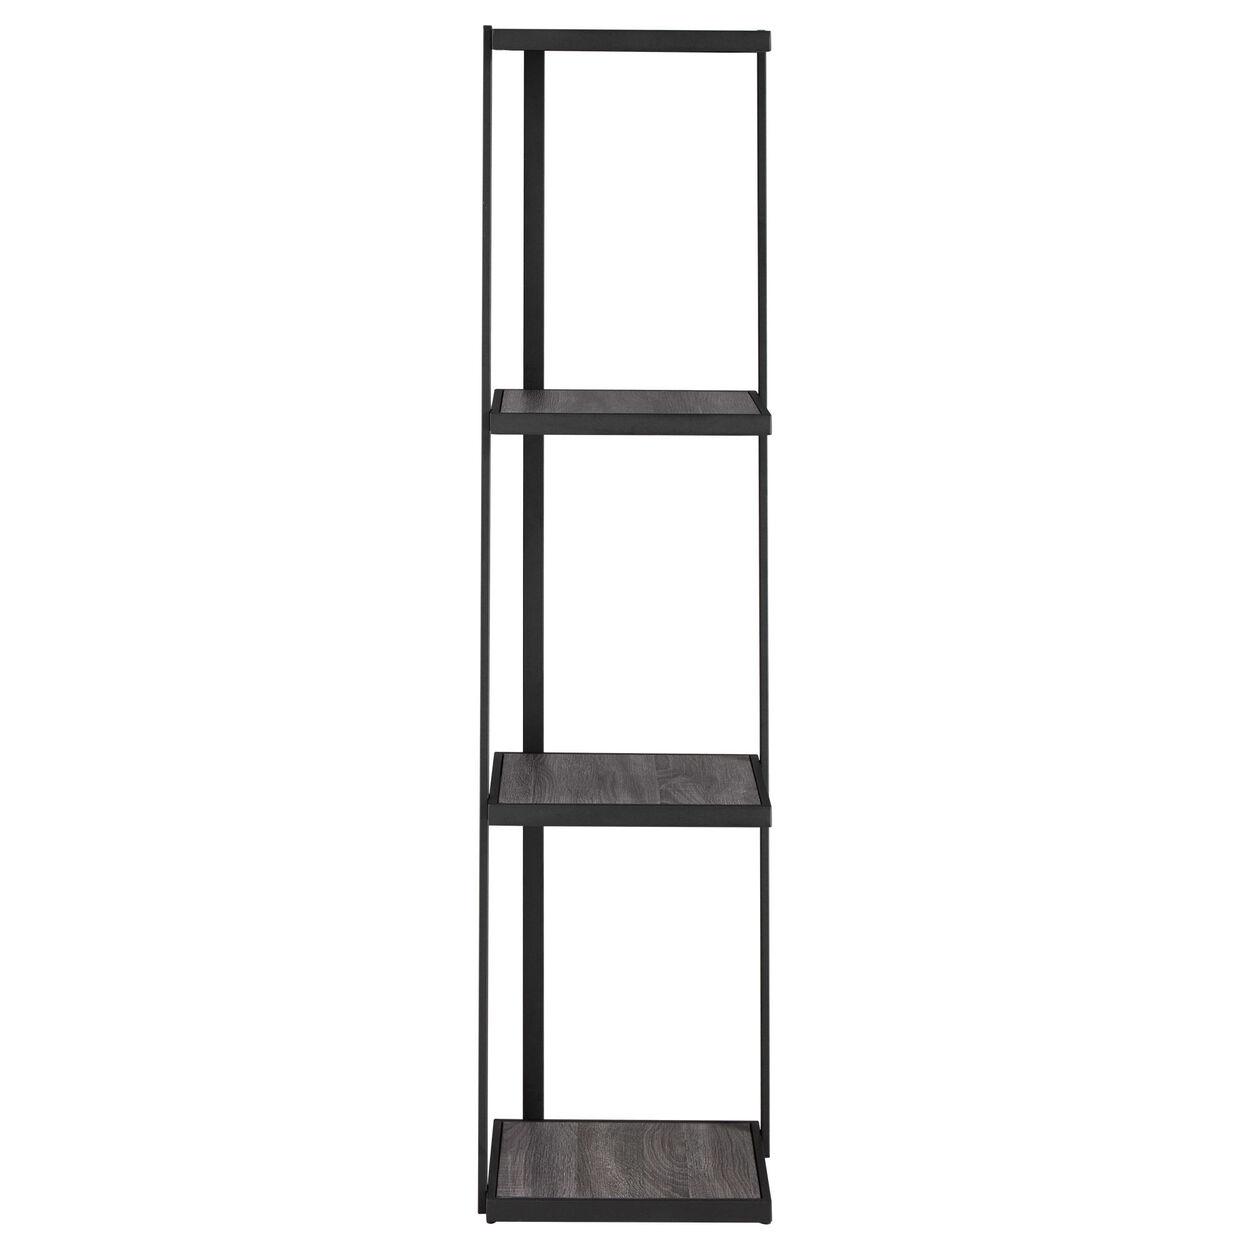 Veneer and Metal Shelf